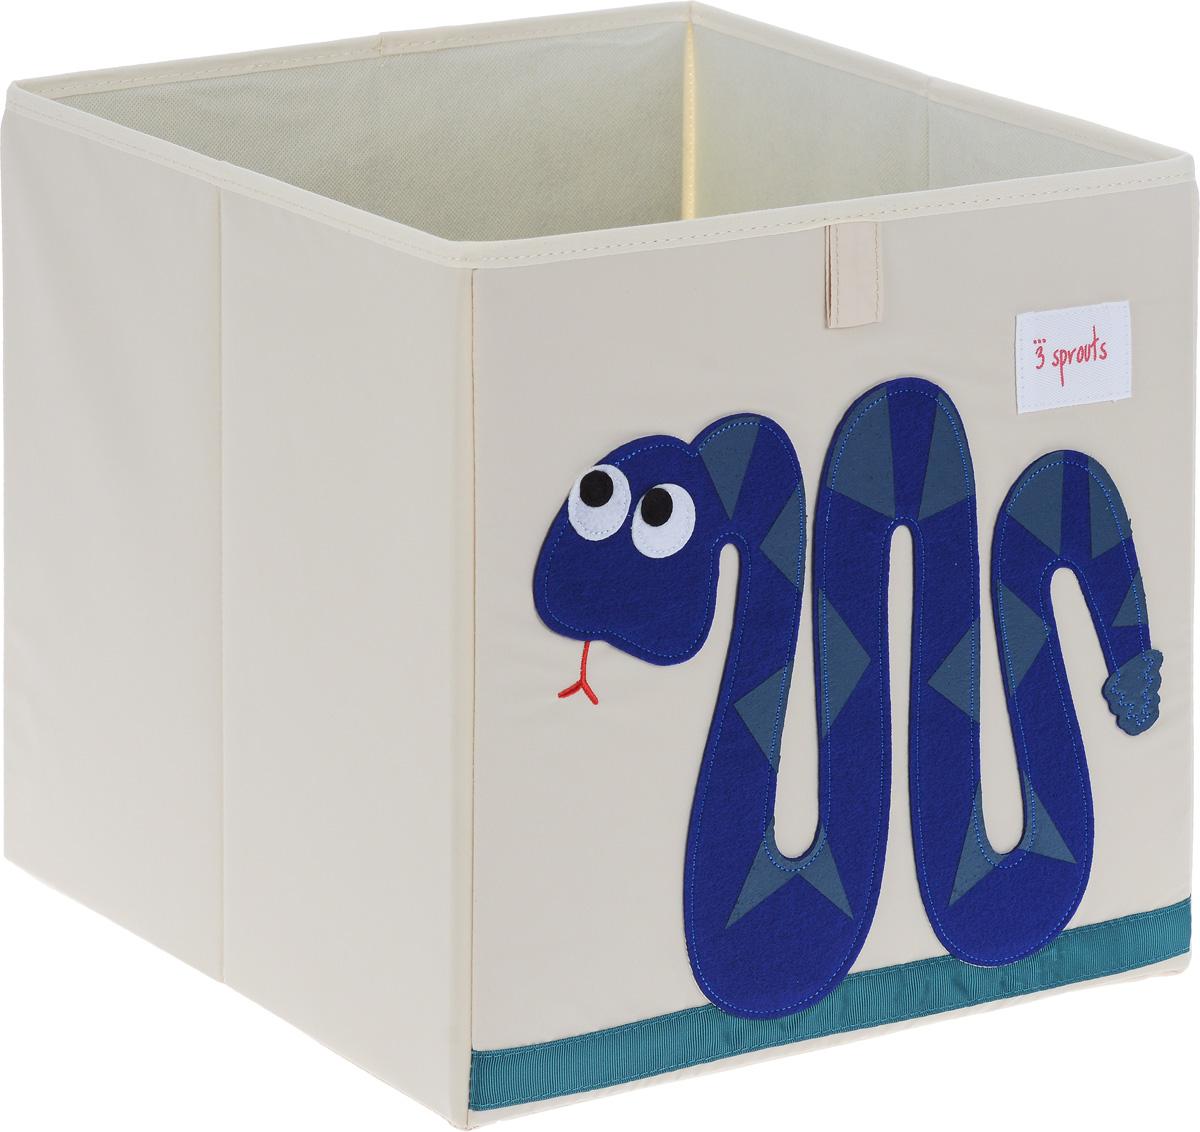 3 Sprouts Коробка для хранения Змейка00008Коробка для хранения 3 Sprouts Змейка - это отличный вариант организации пространства любой комнаты.Стороны коробки усилены с помощью картона, поэтому она всегда стоит ровно. Помещается практически во все стеллажи с квадратными отсеками и добавляет озорства любой комнате. Стоит ли коробка отдельно или на полке стеллажа, она обеспечит прекрасную организацию в вашем доме.Уход: снаружи - только выведение пятен.